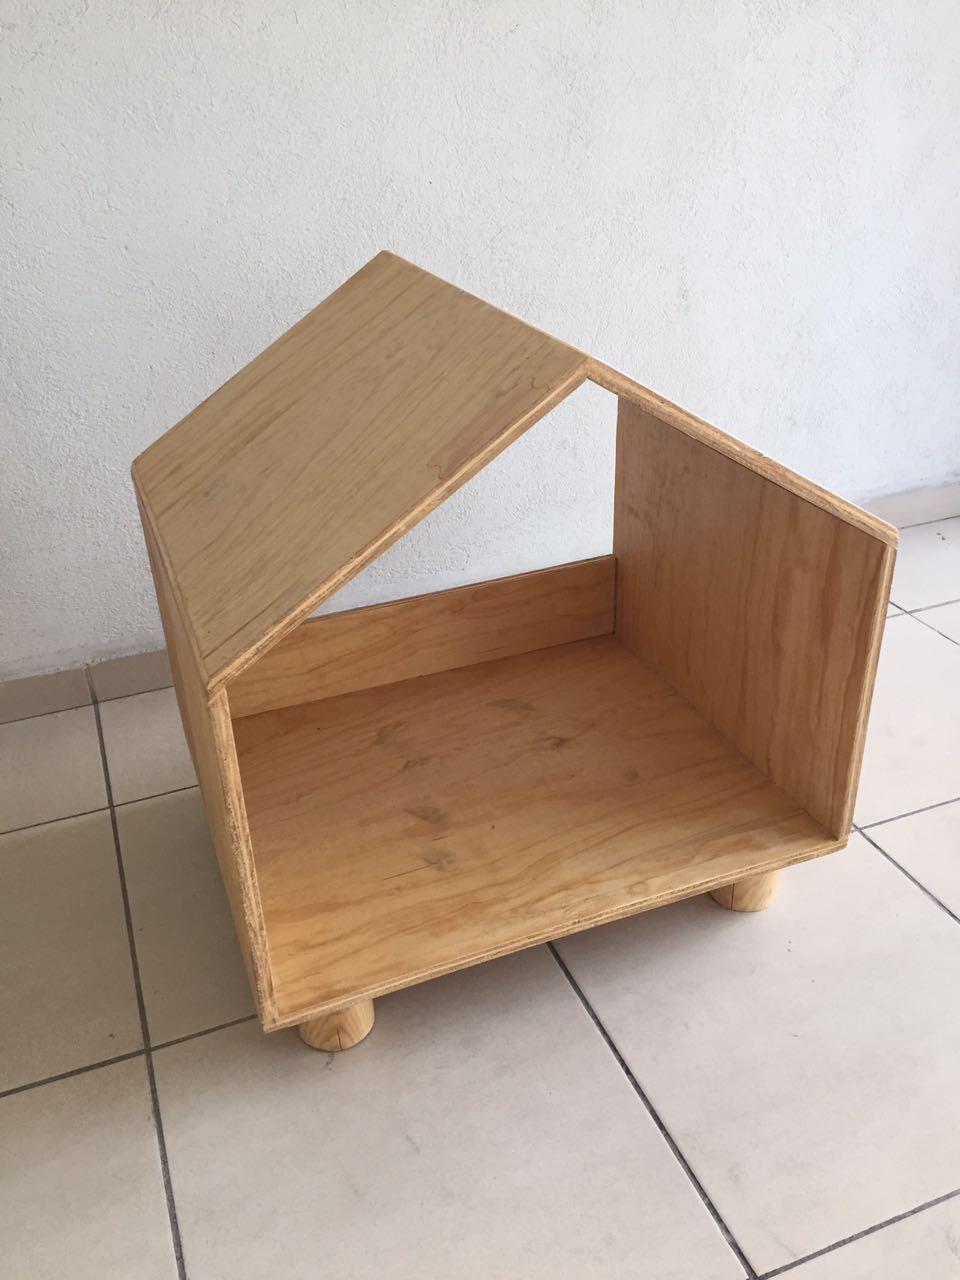 Casita sin puerta madera natural.JPG